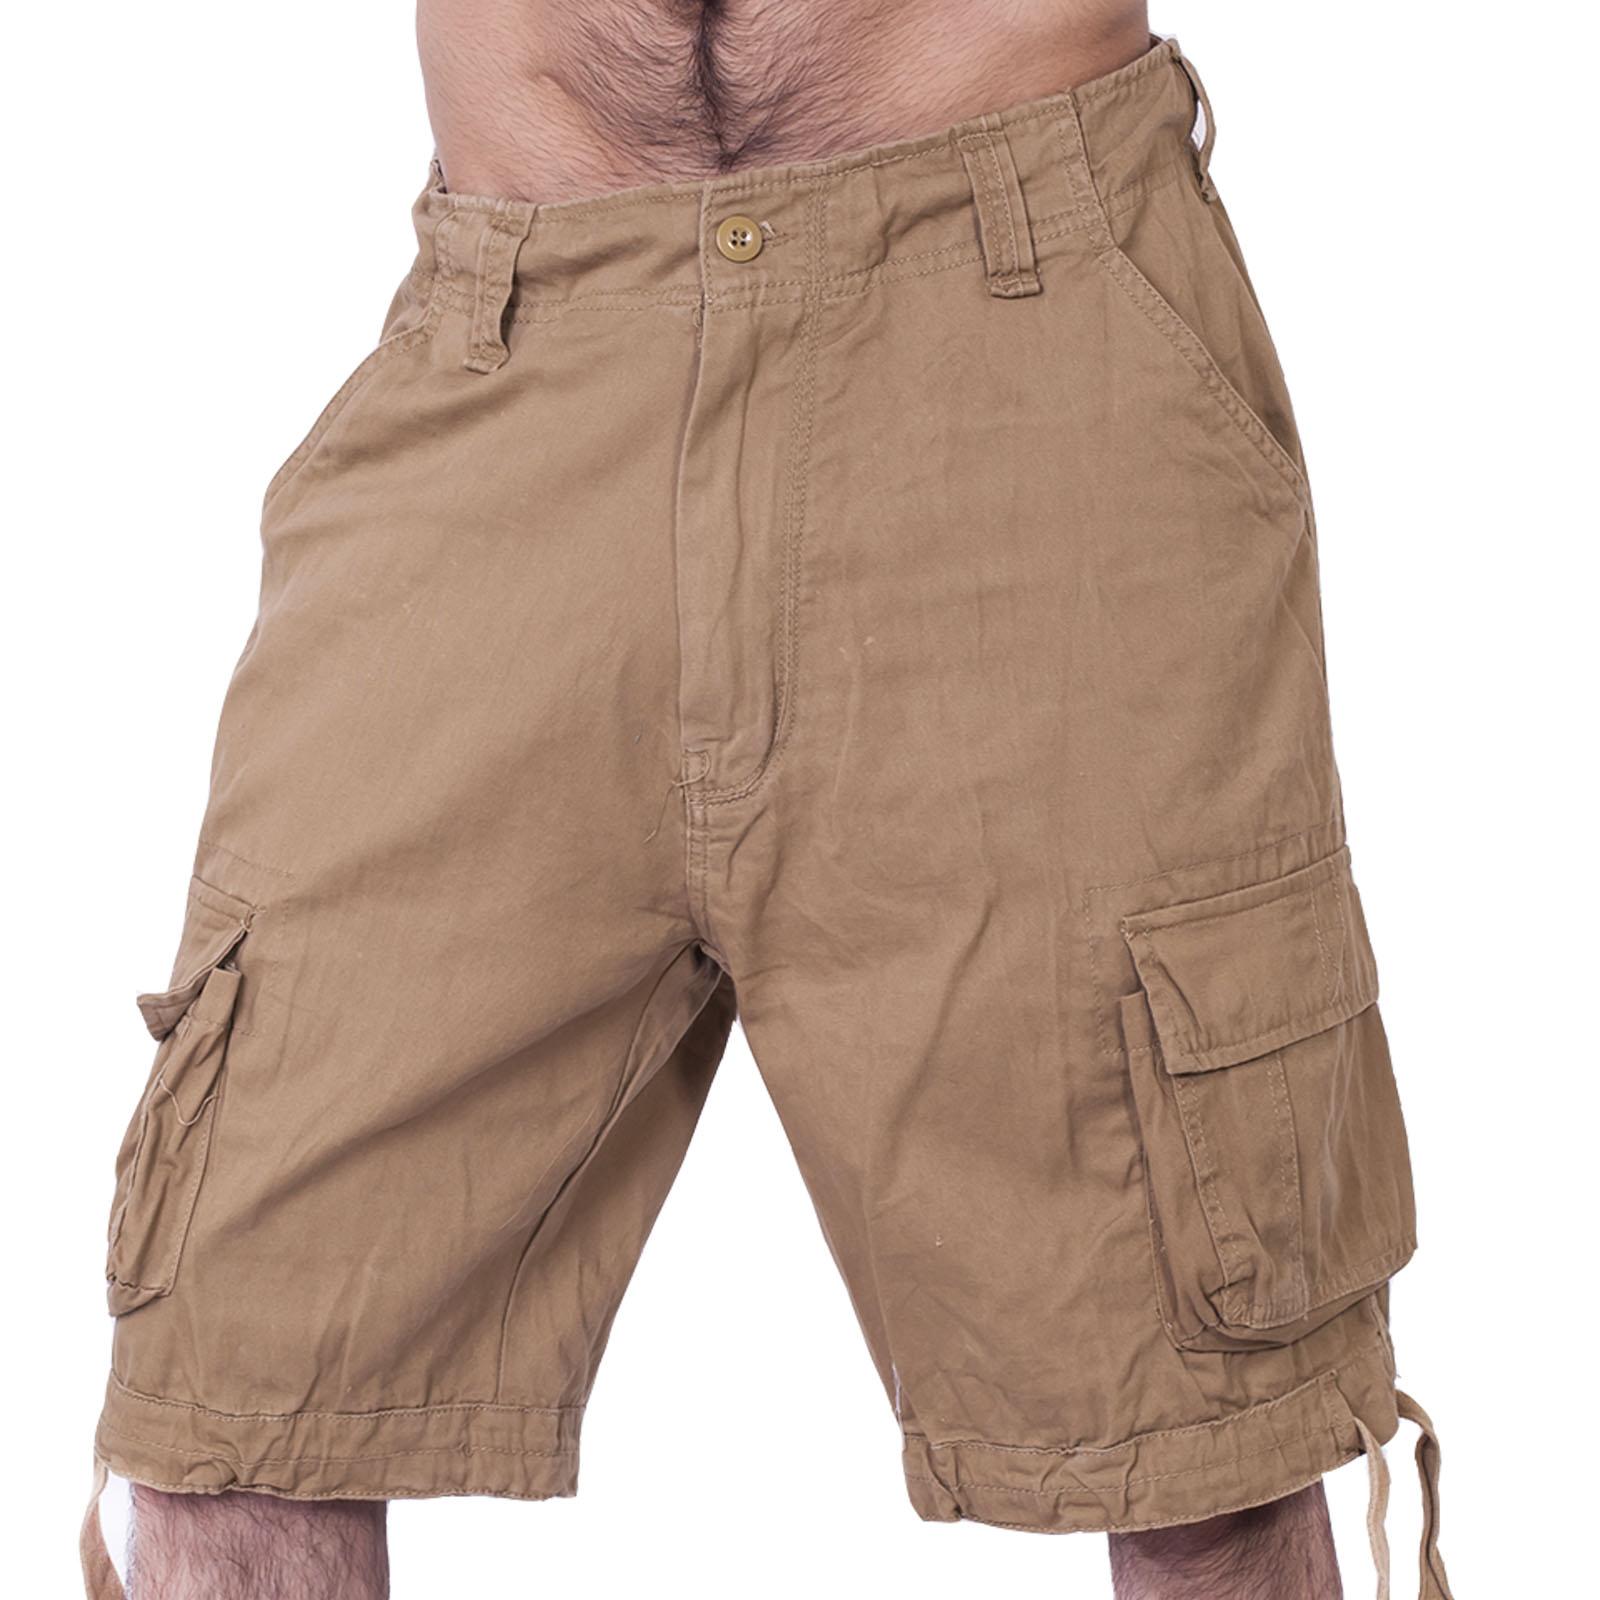 Фирменные мужские шорты Brandit.